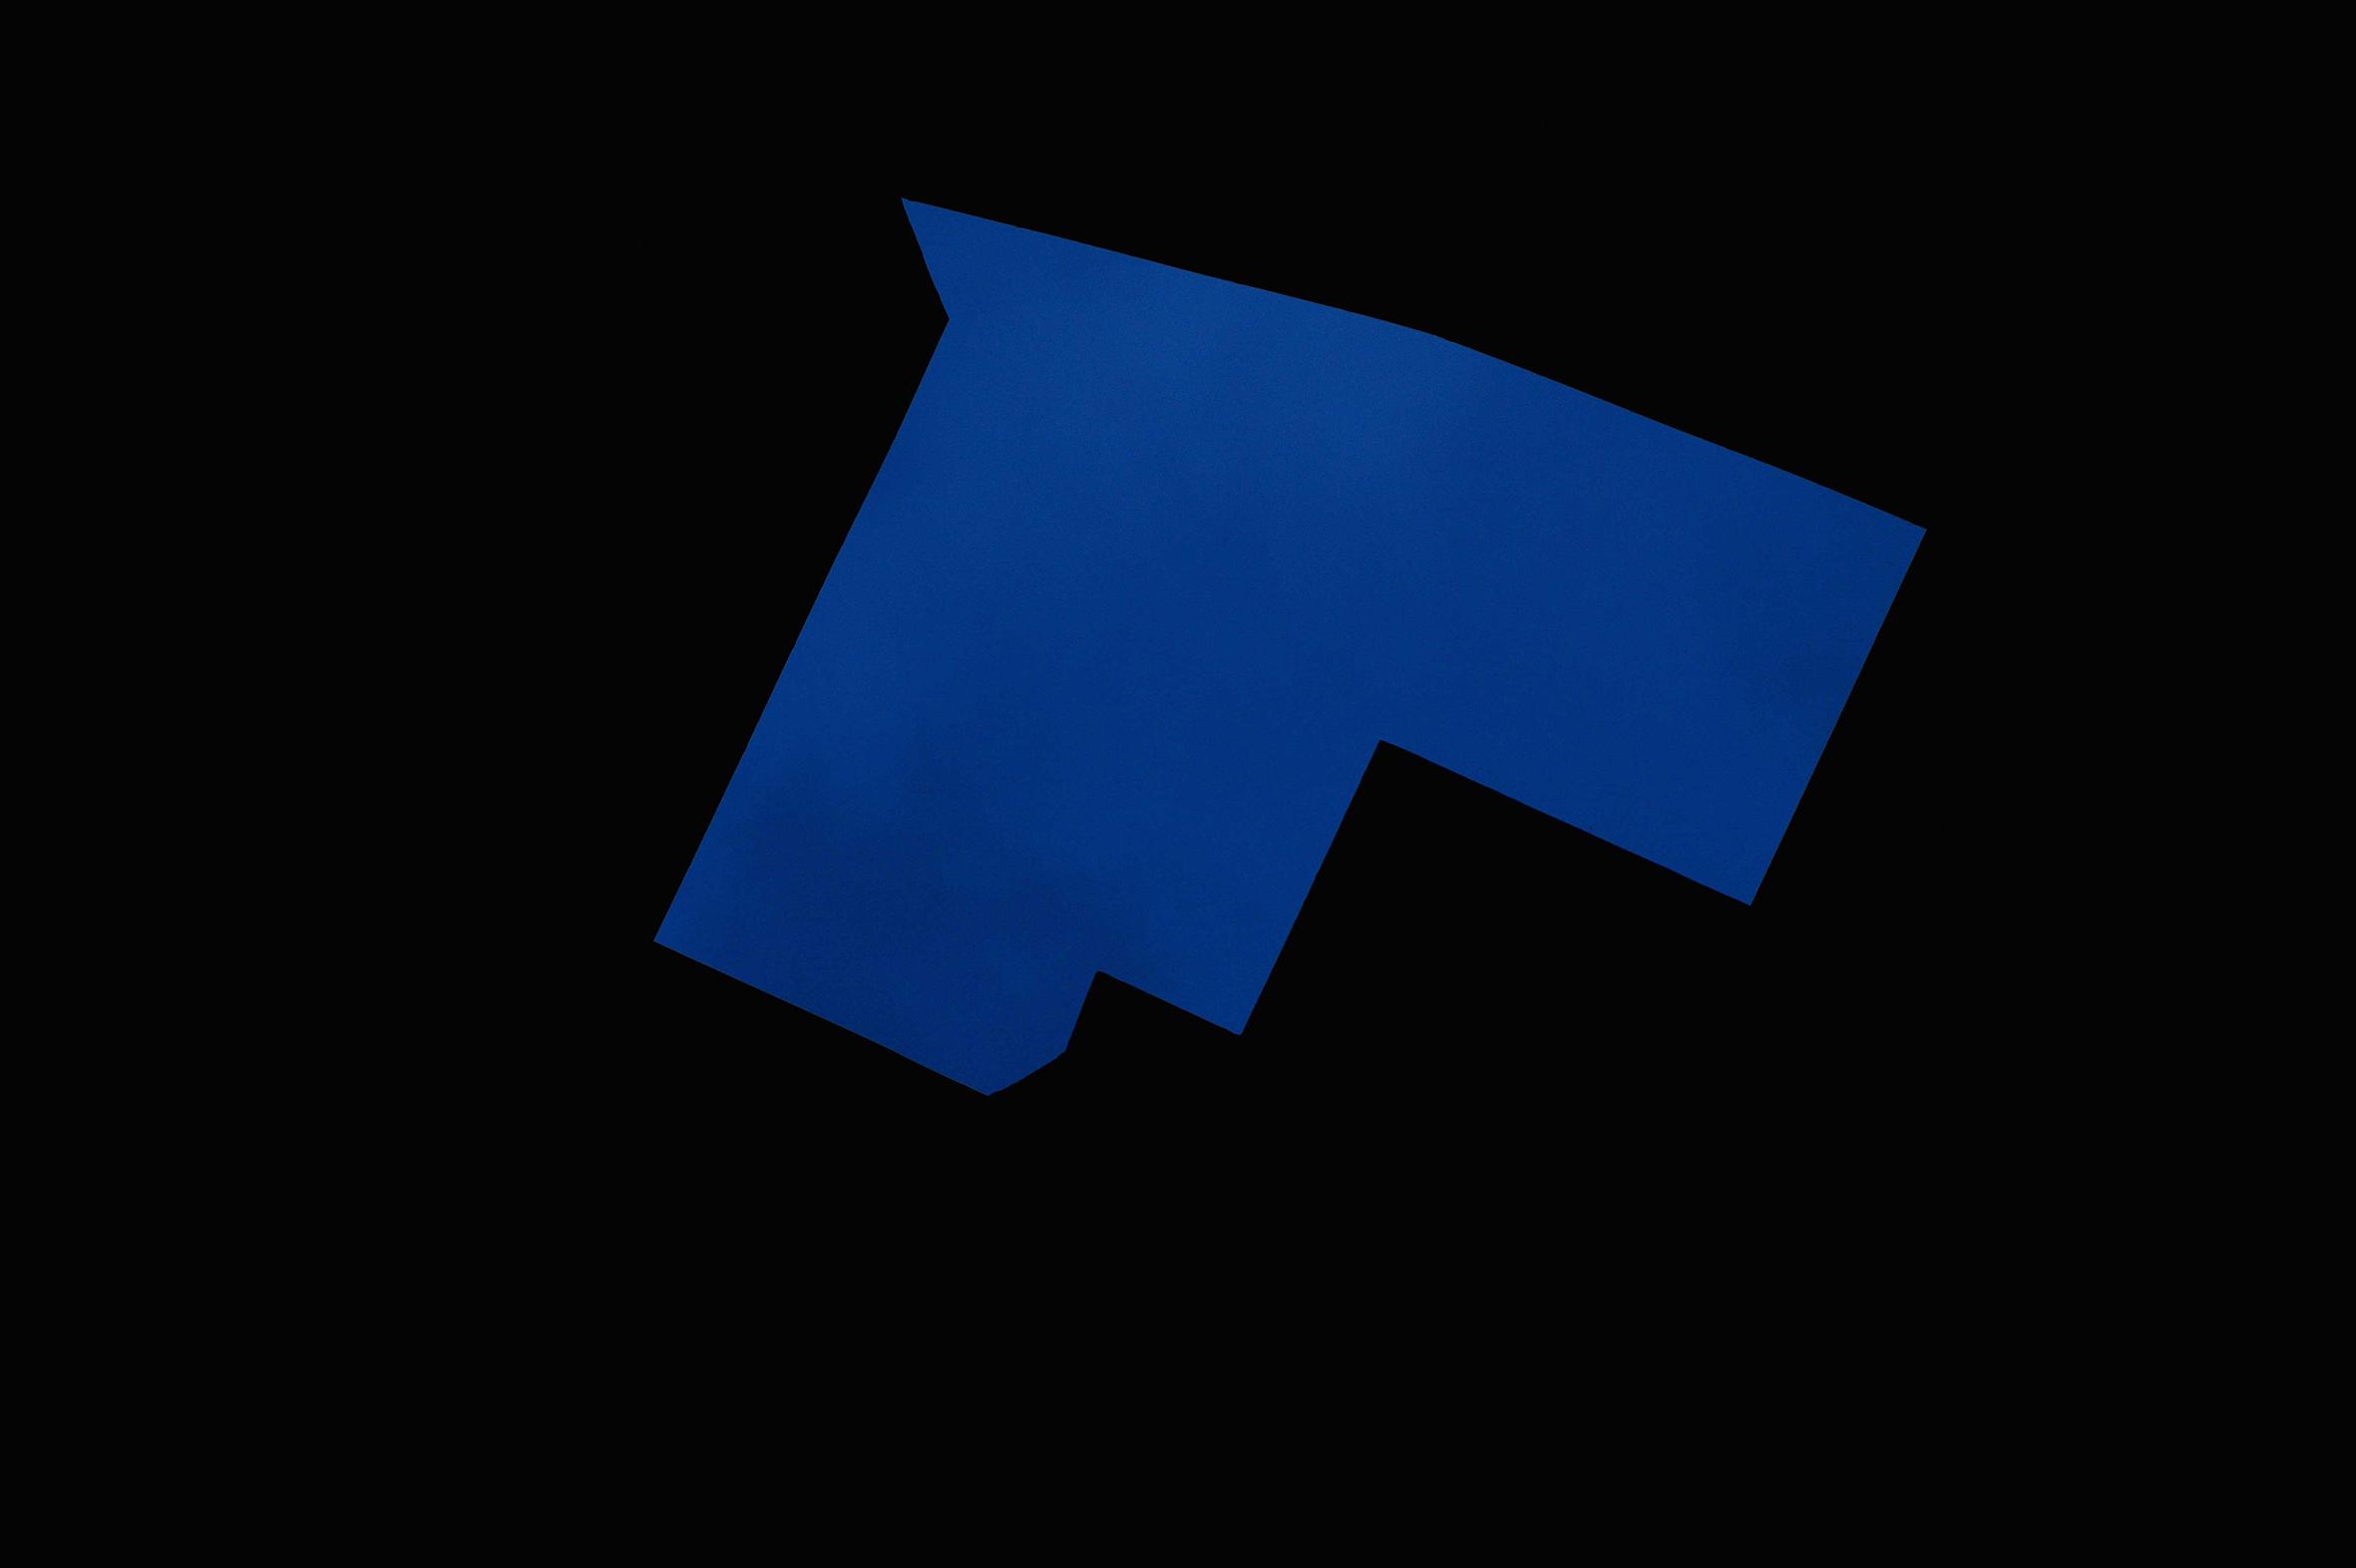 01 Traboules bleu Lyon | Urban Pix